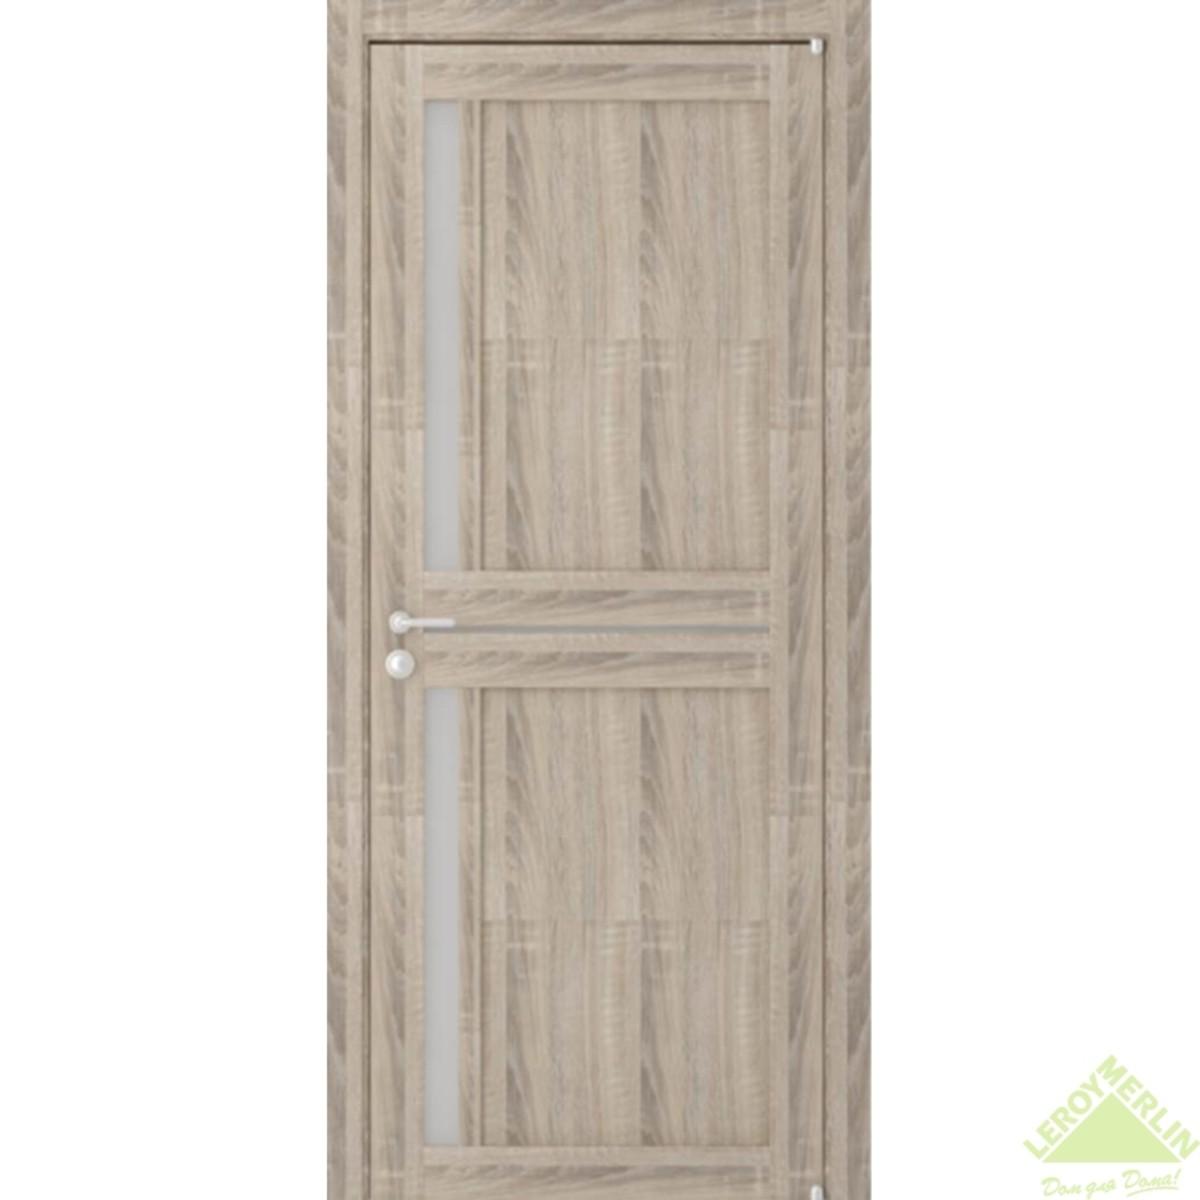 Дверь межкомнатная остеклённая Вита 80x200 см ламинация цвет дуб с фурнитурой